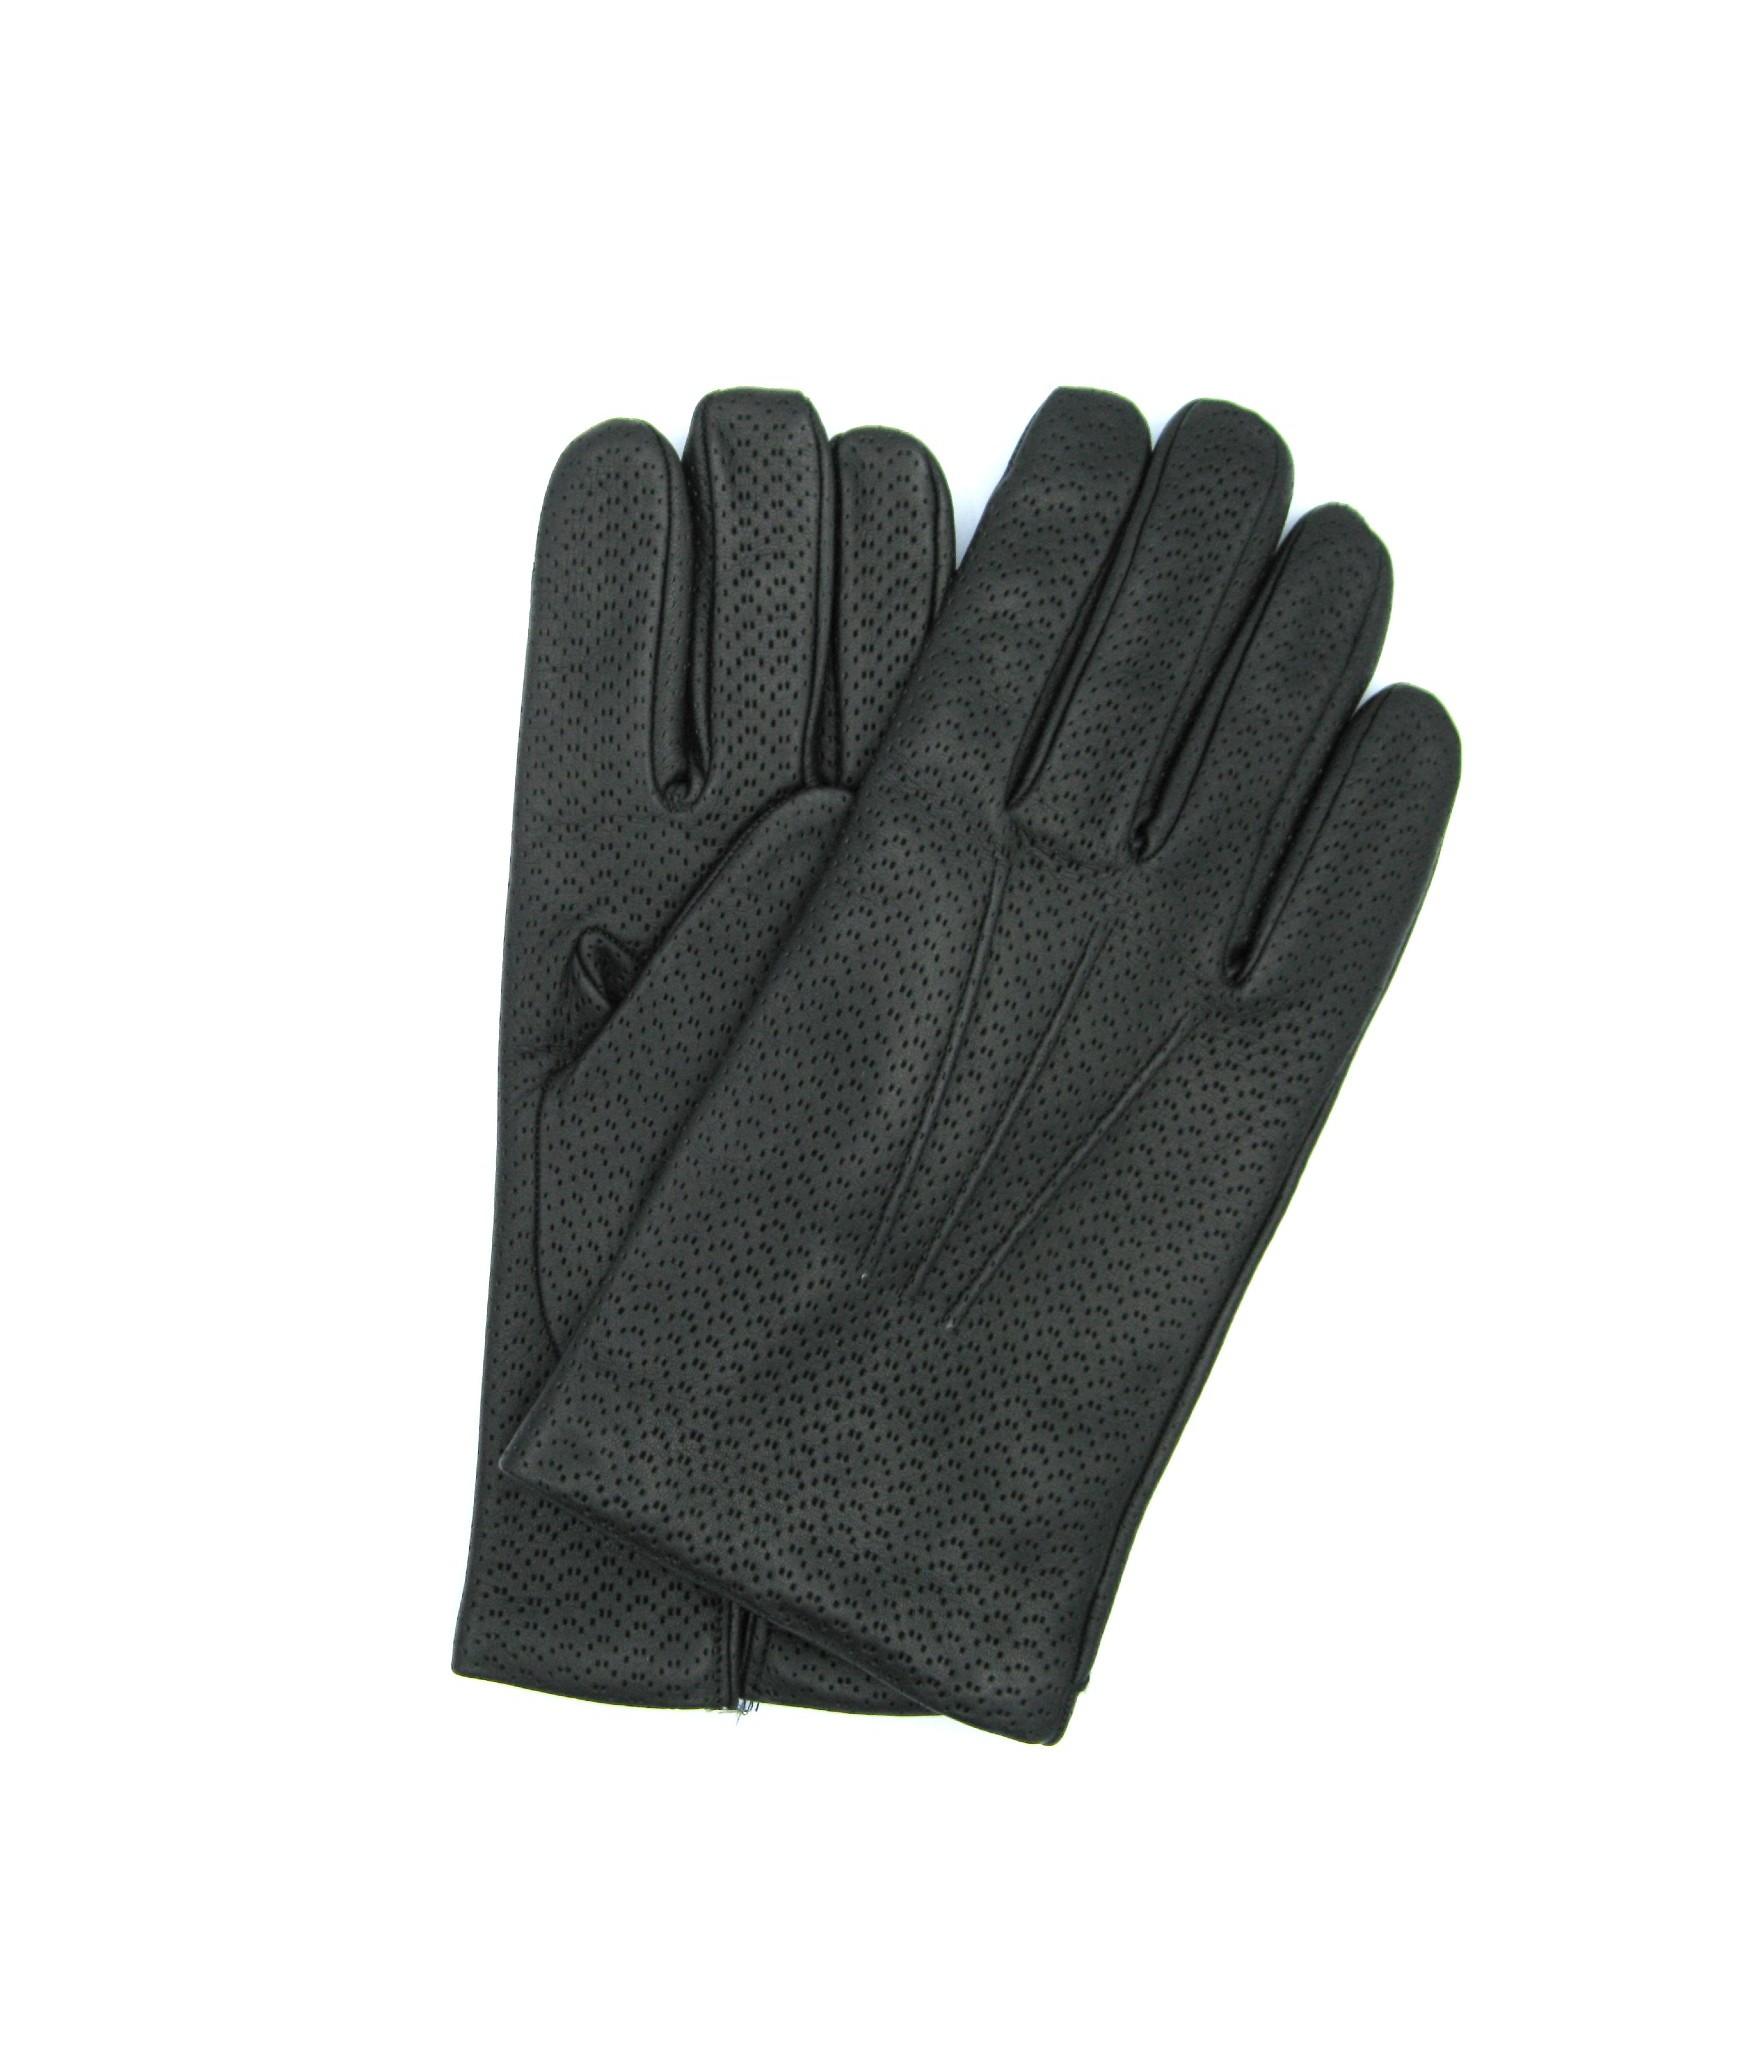 Nappa leather gloves 2bt,cashmere lined Dark Brown Sermoneta